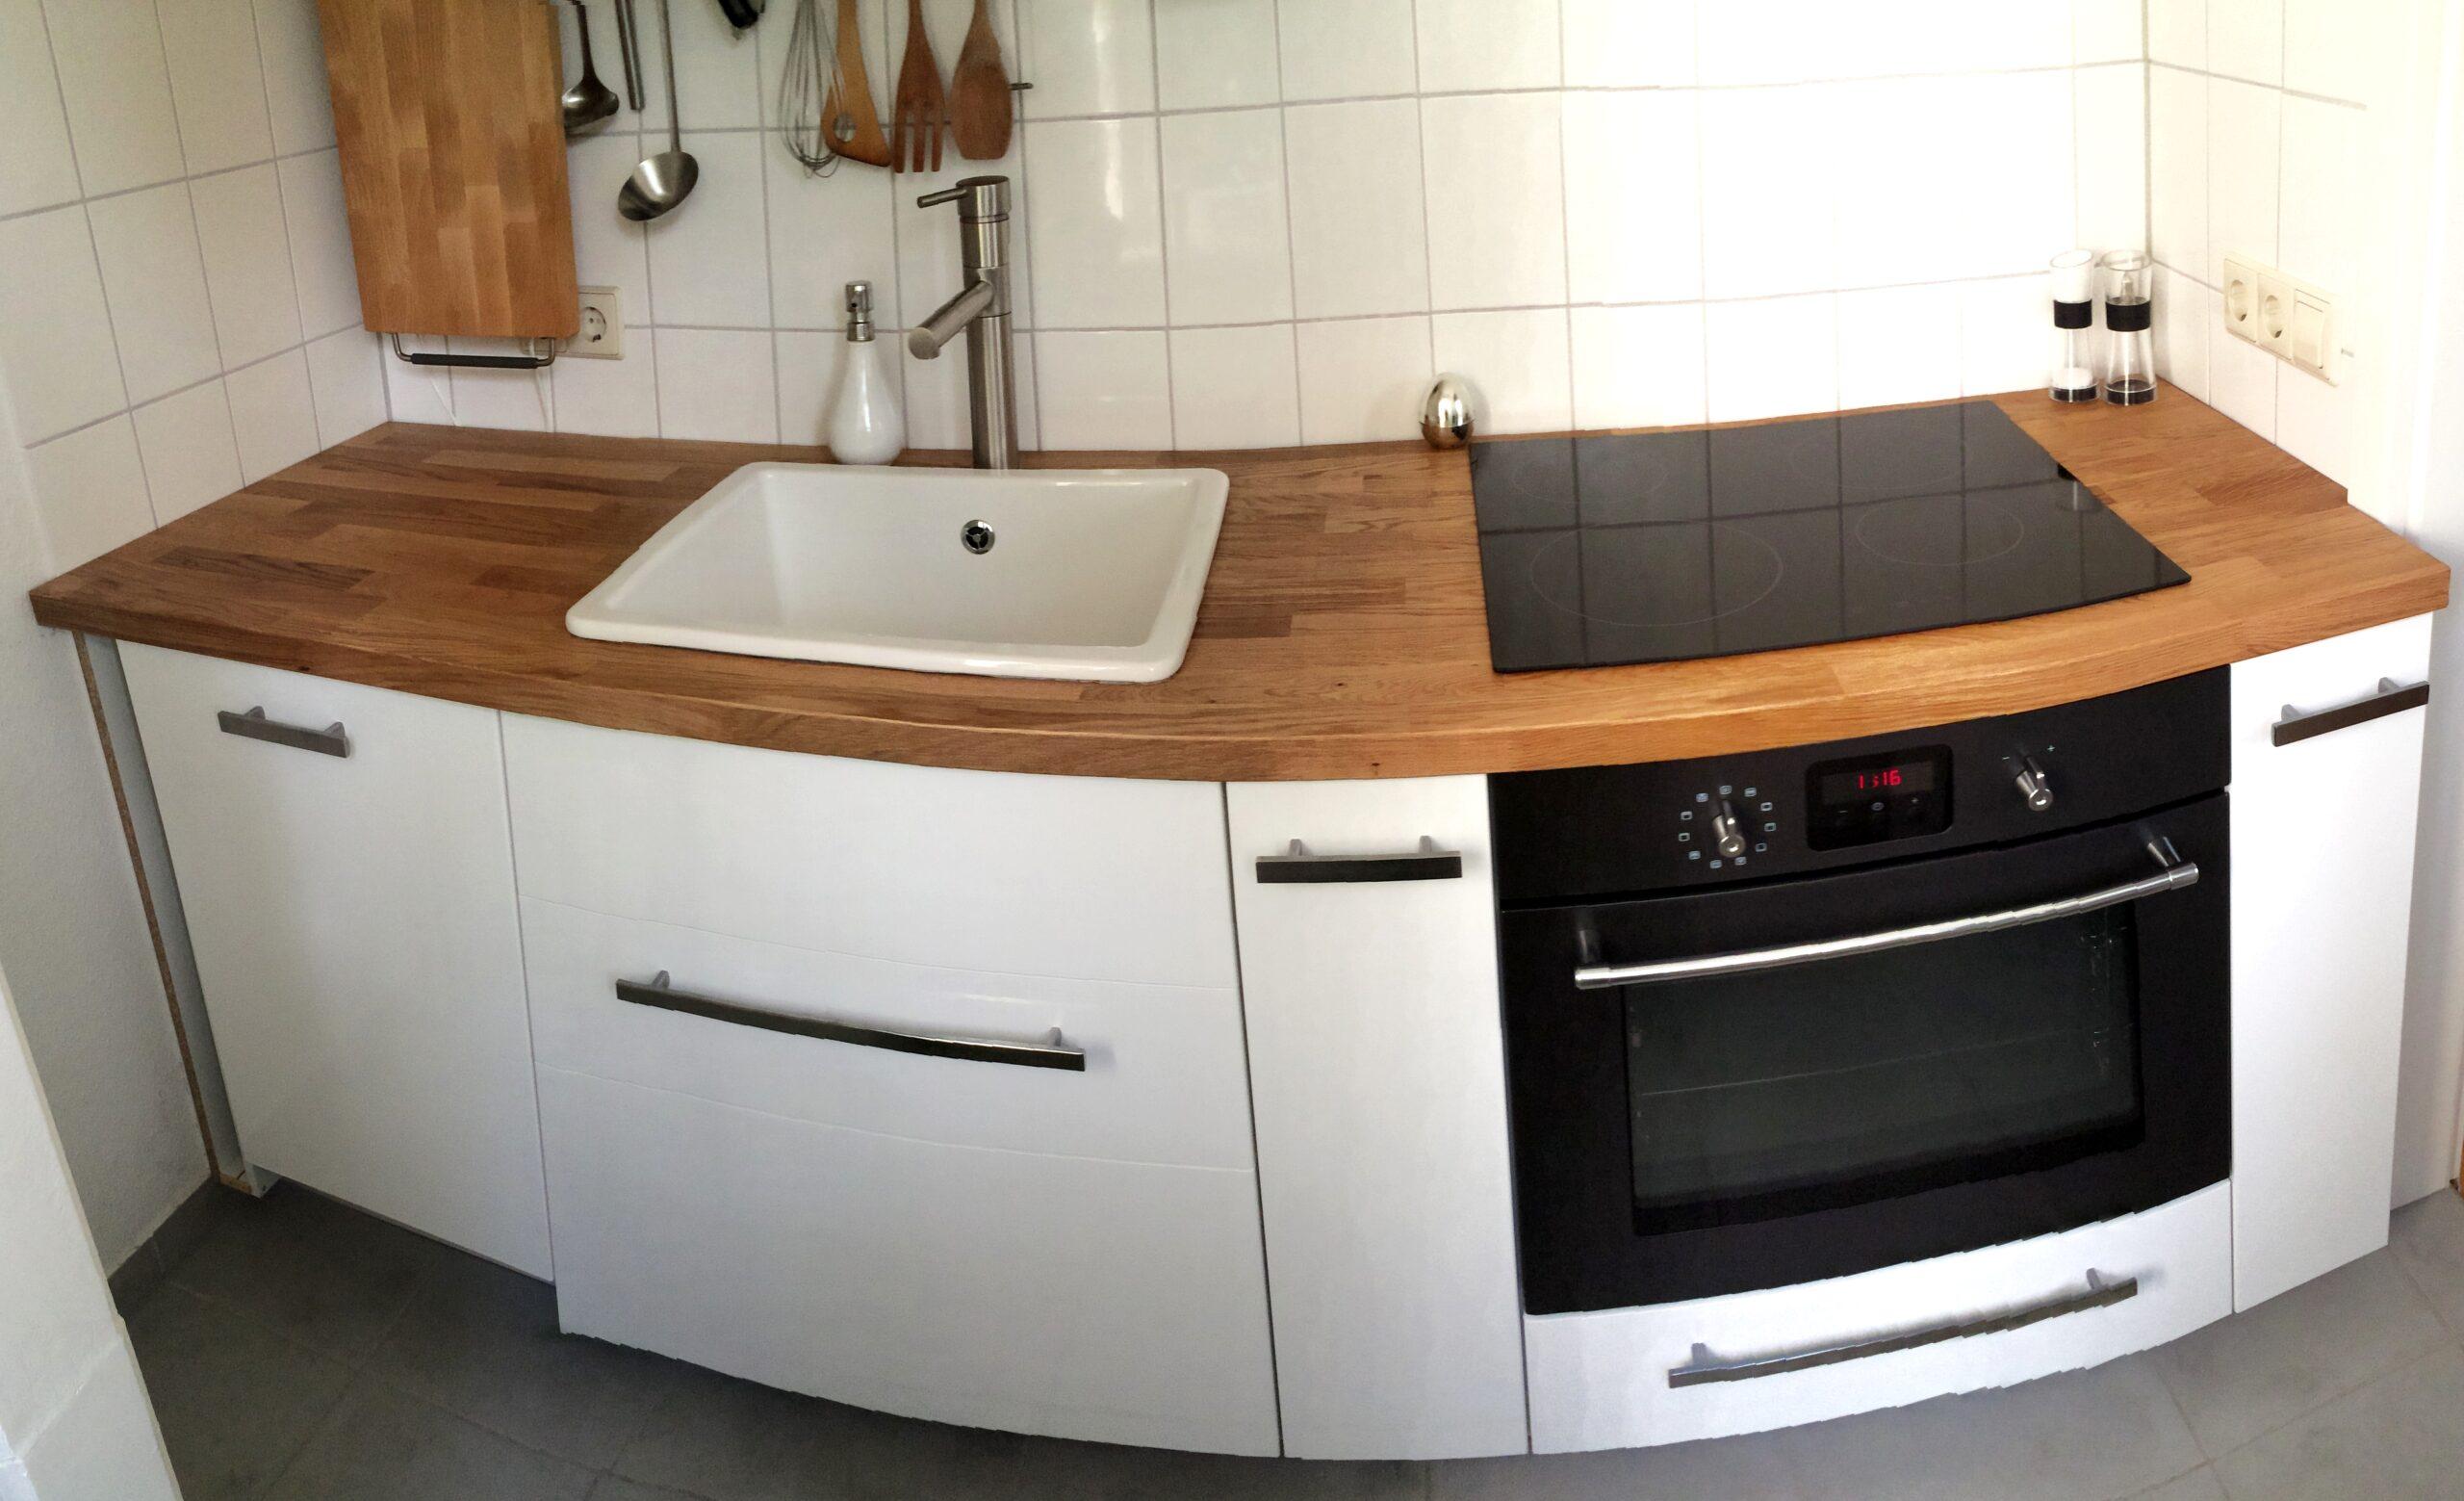 Full Size of Ikea Küchenzeile Unsere Erste Kche Moderne Magazin Küche Kosten Betten Bei Modulküche Kaufen Sofa Mit Schlaffunktion 160x200 Miniküche Wohnzimmer Ikea Küchenzeile